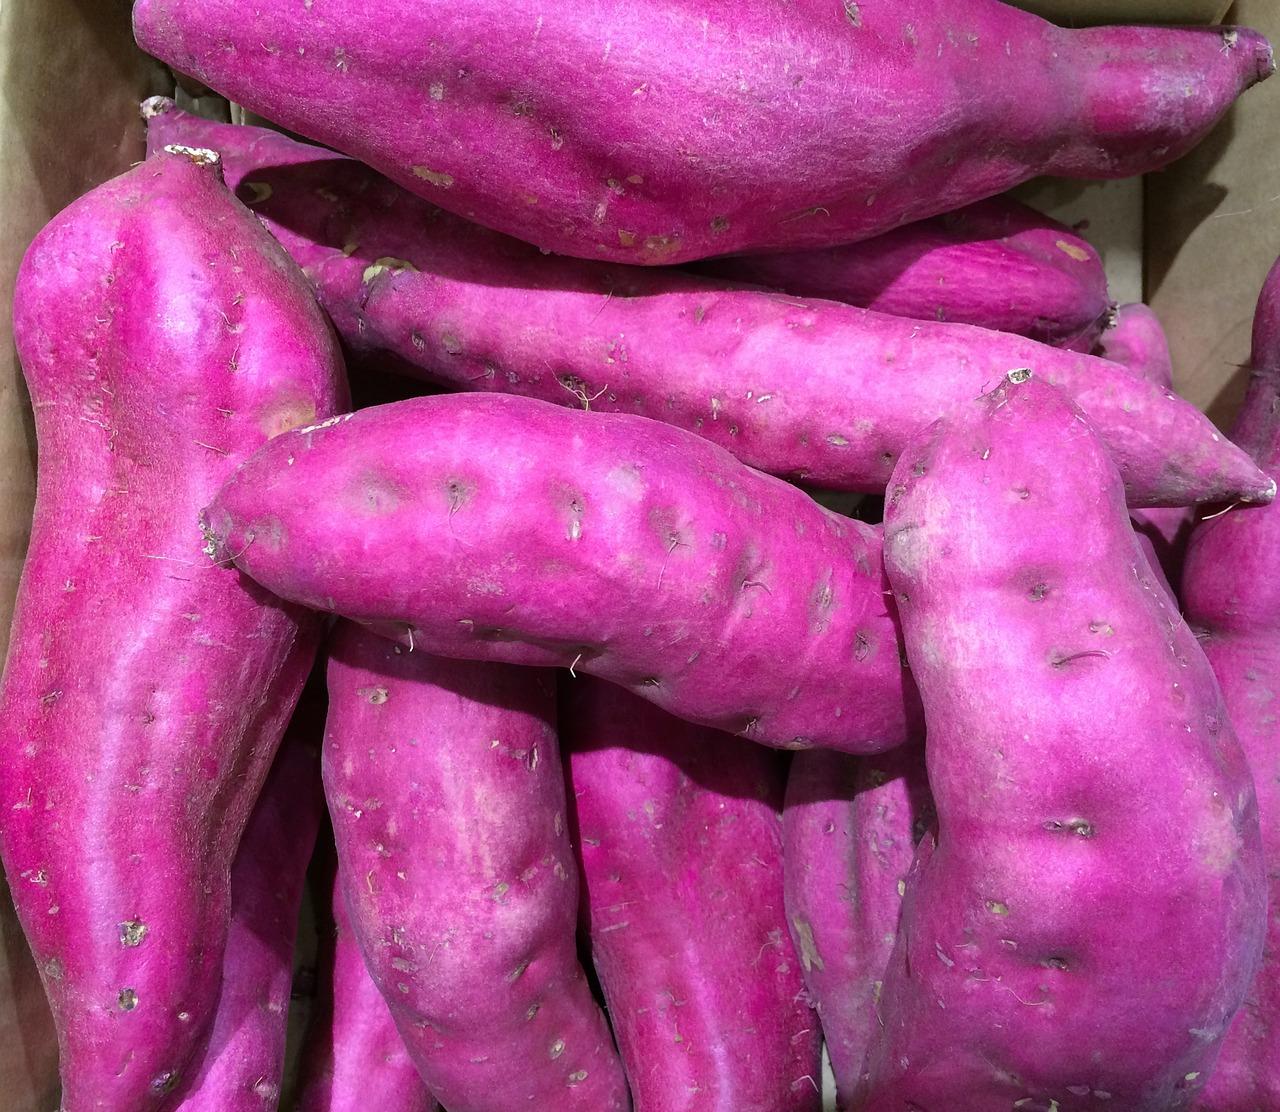 干し芋は便秘に逆効果なの?どういった食べ方が良いのか?